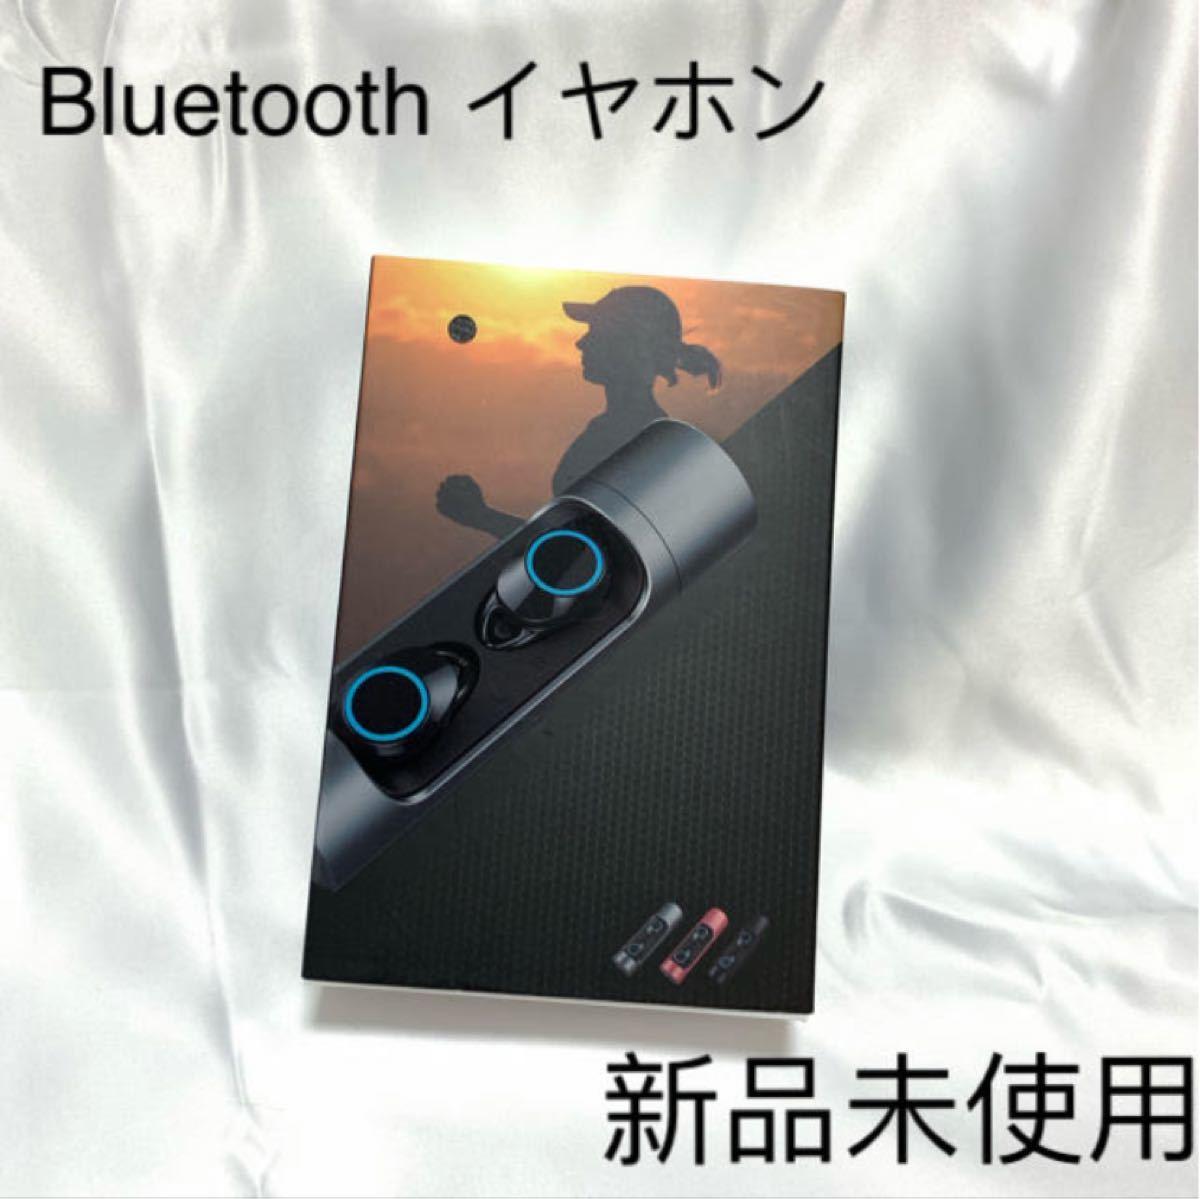 ◆新品◆ Bluetooth イヤホン/ 完全 ワイヤレス イヤホン